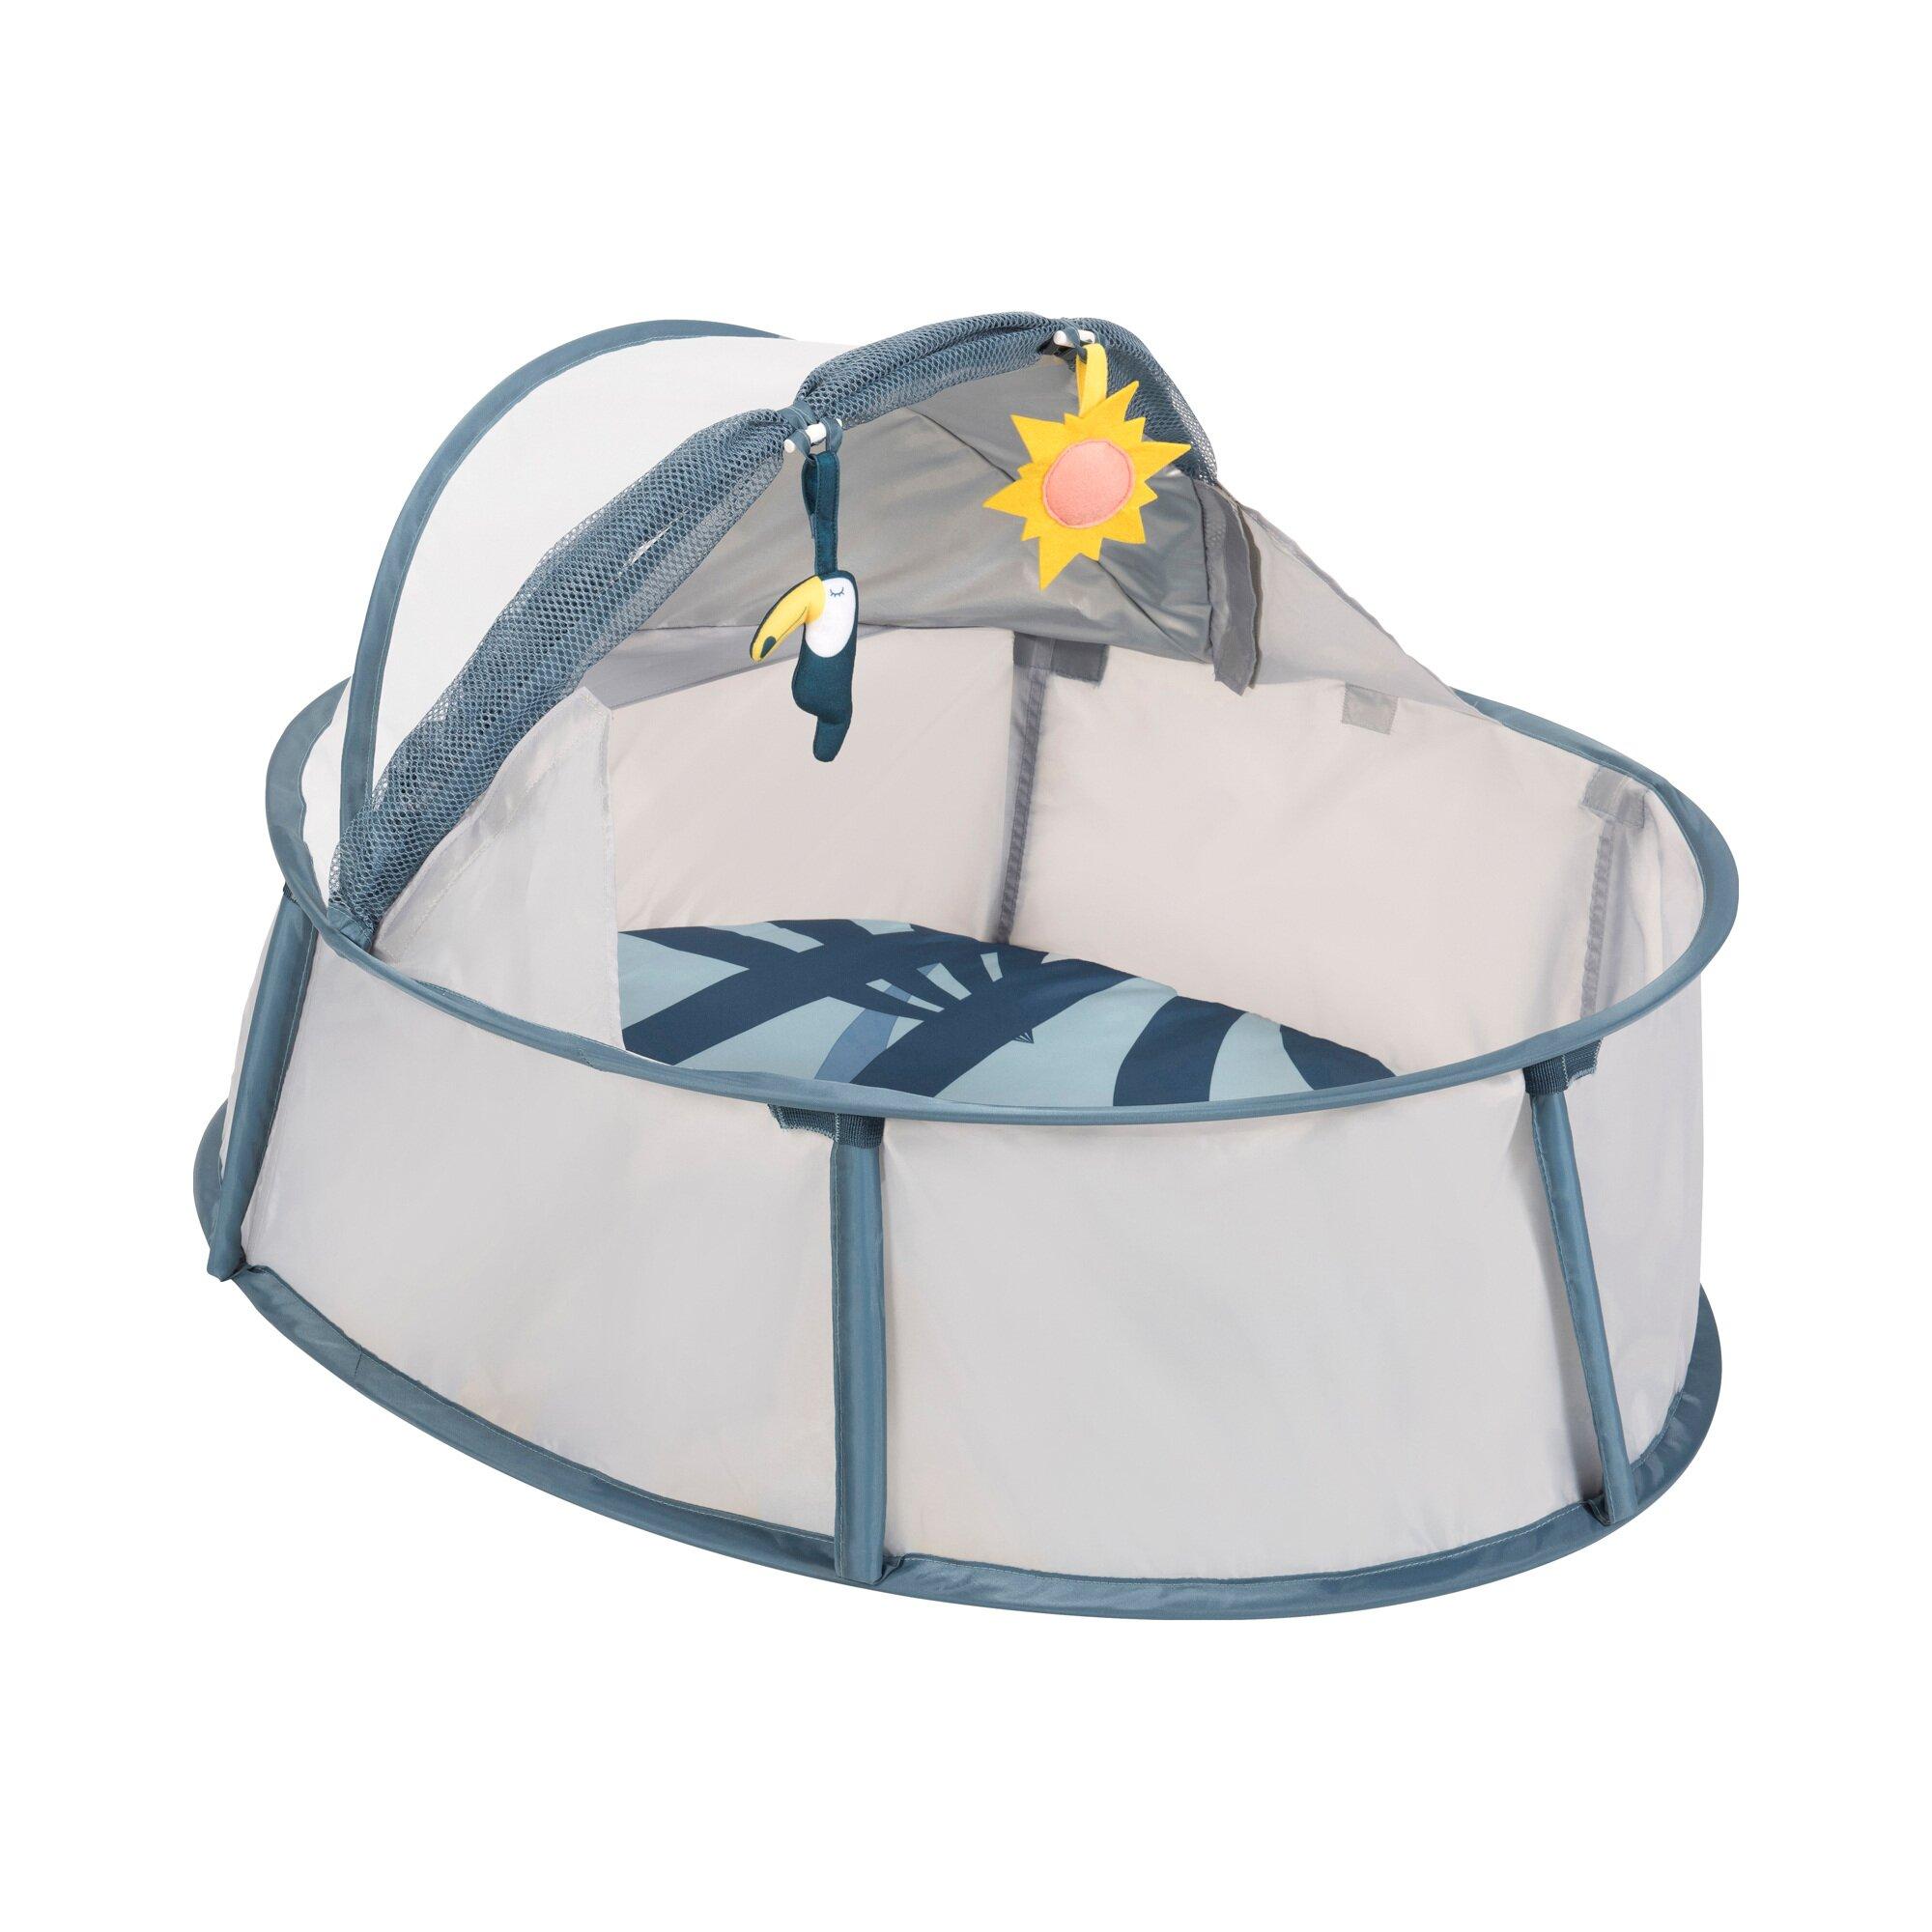 Babymoov Reise-Strandbett Little Babyni Tropical mit UV-Schutz